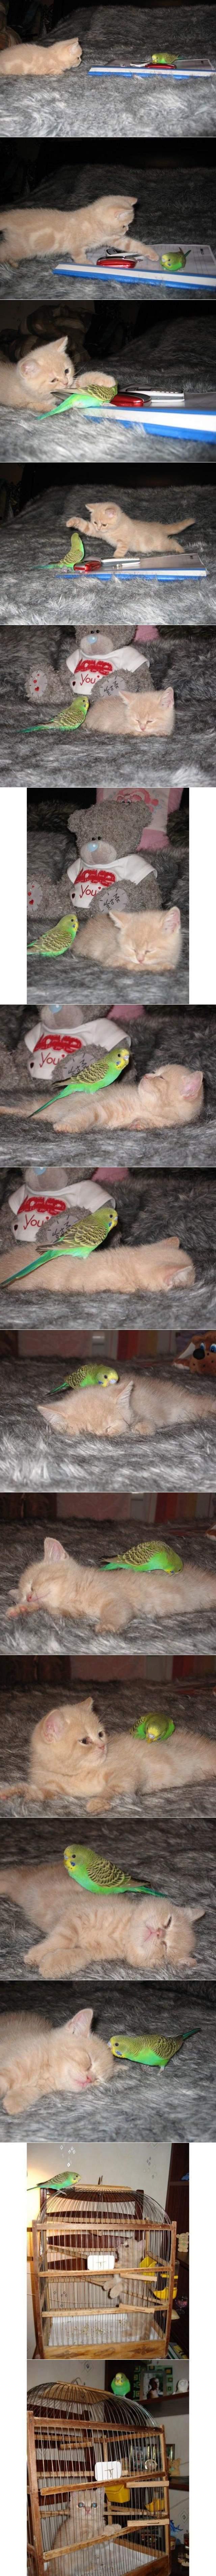 Hilarious Parakeet and Kitten Friends